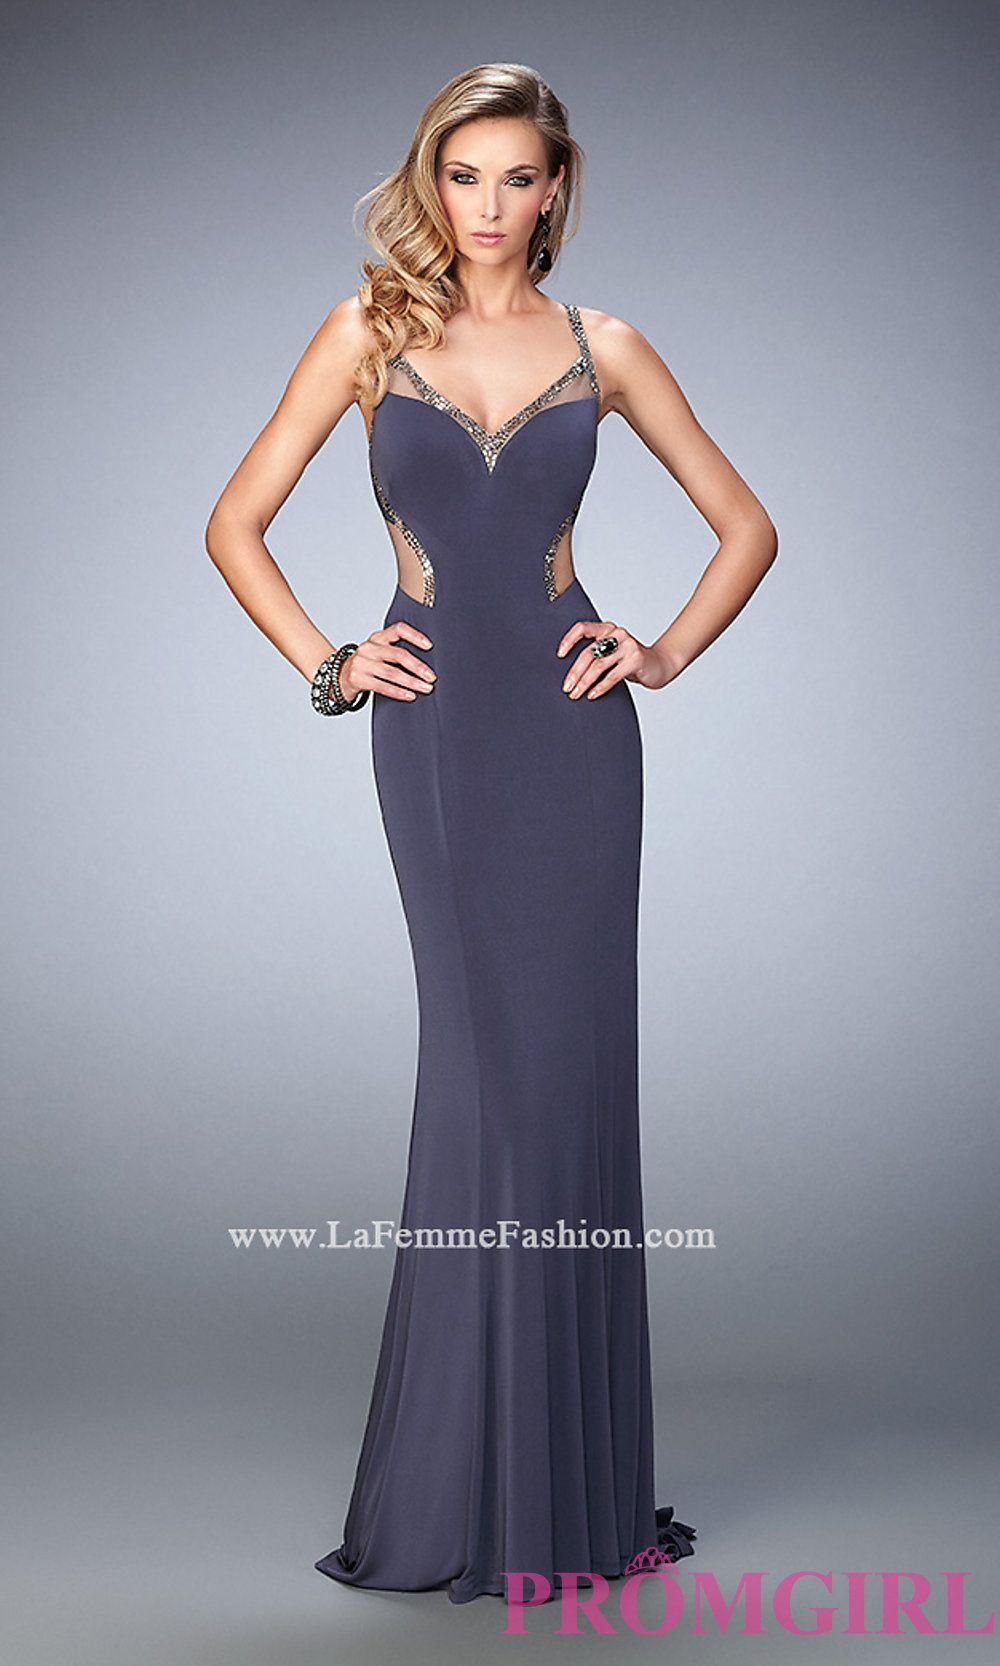 V-Neck Open Back Long La Femme Prom Dress Style: LF-22461 | Moda ...